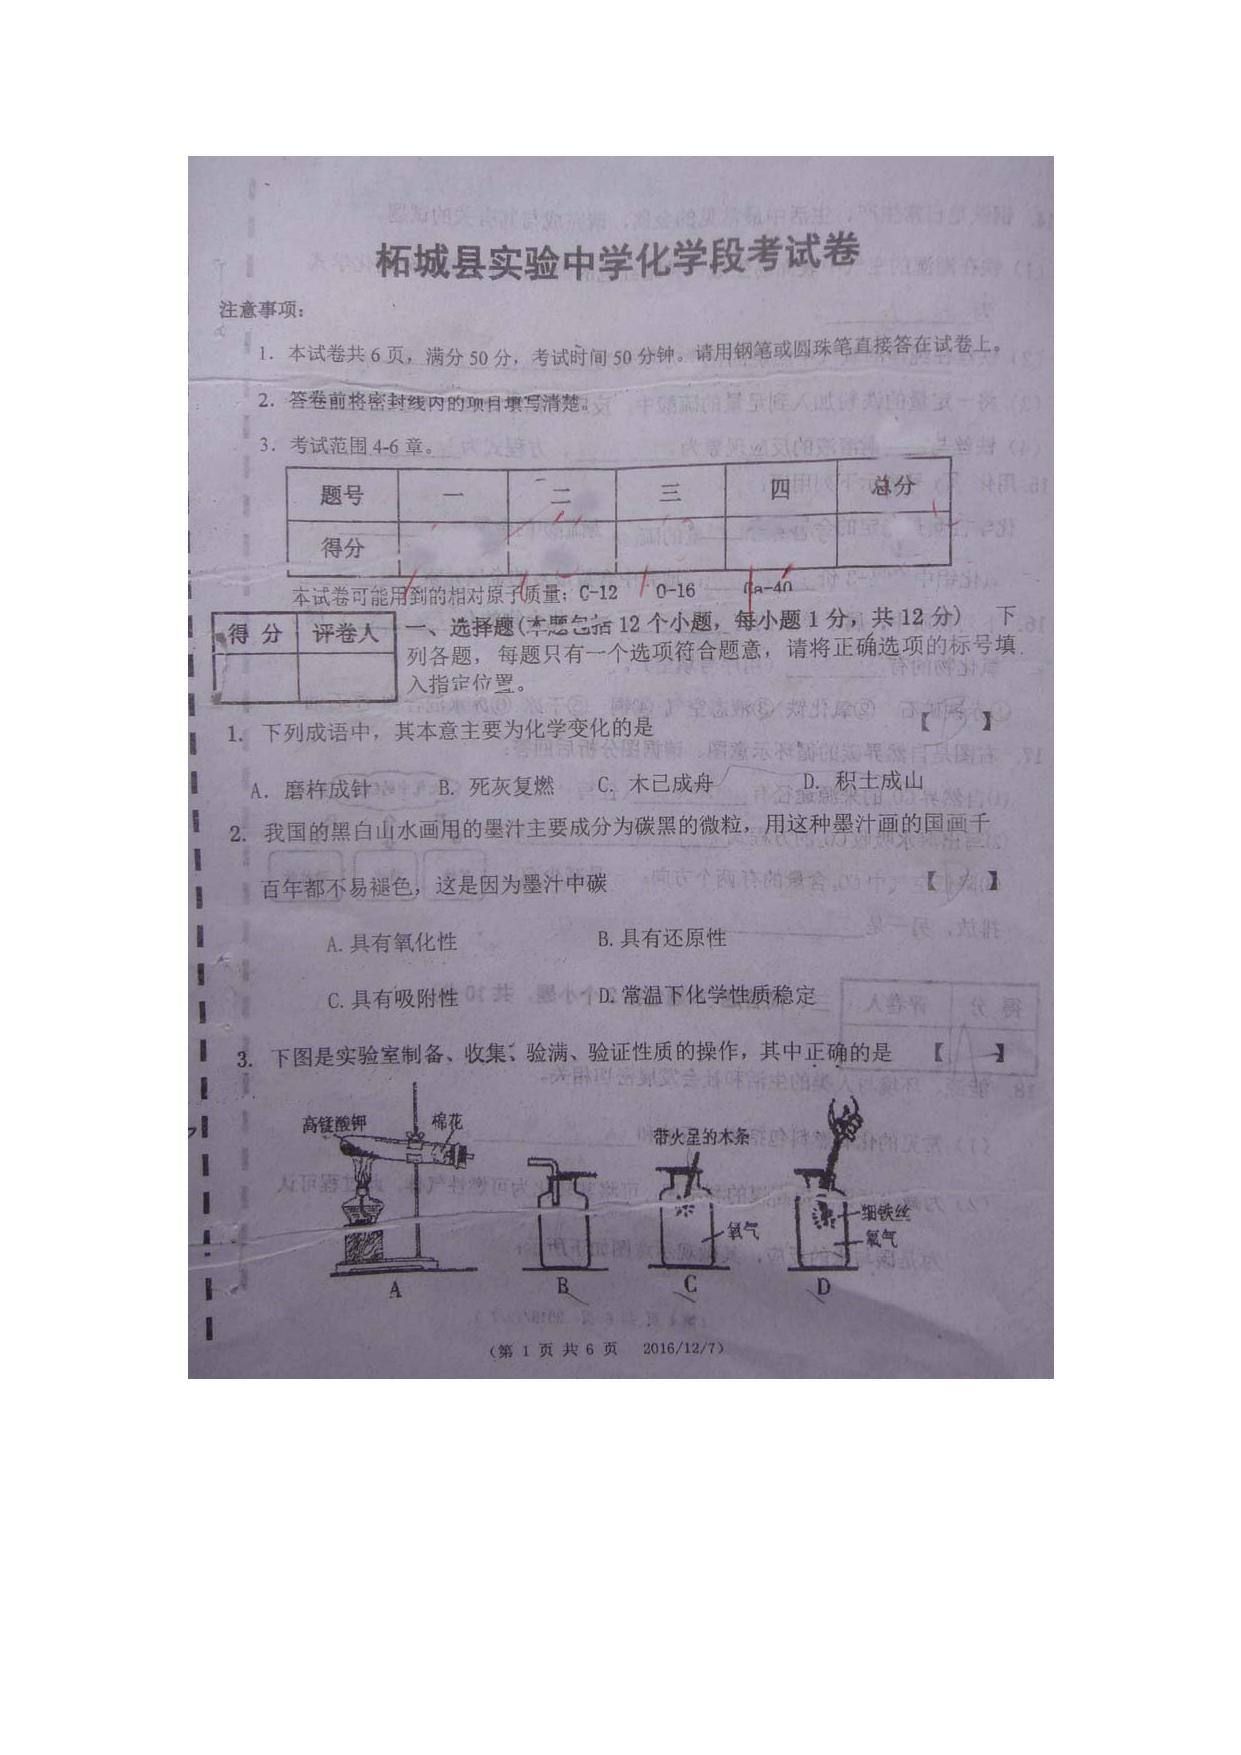 河南商丘柘城实验中学2016―2017第一学期九年级12月质量调研化学试卷(图片版)